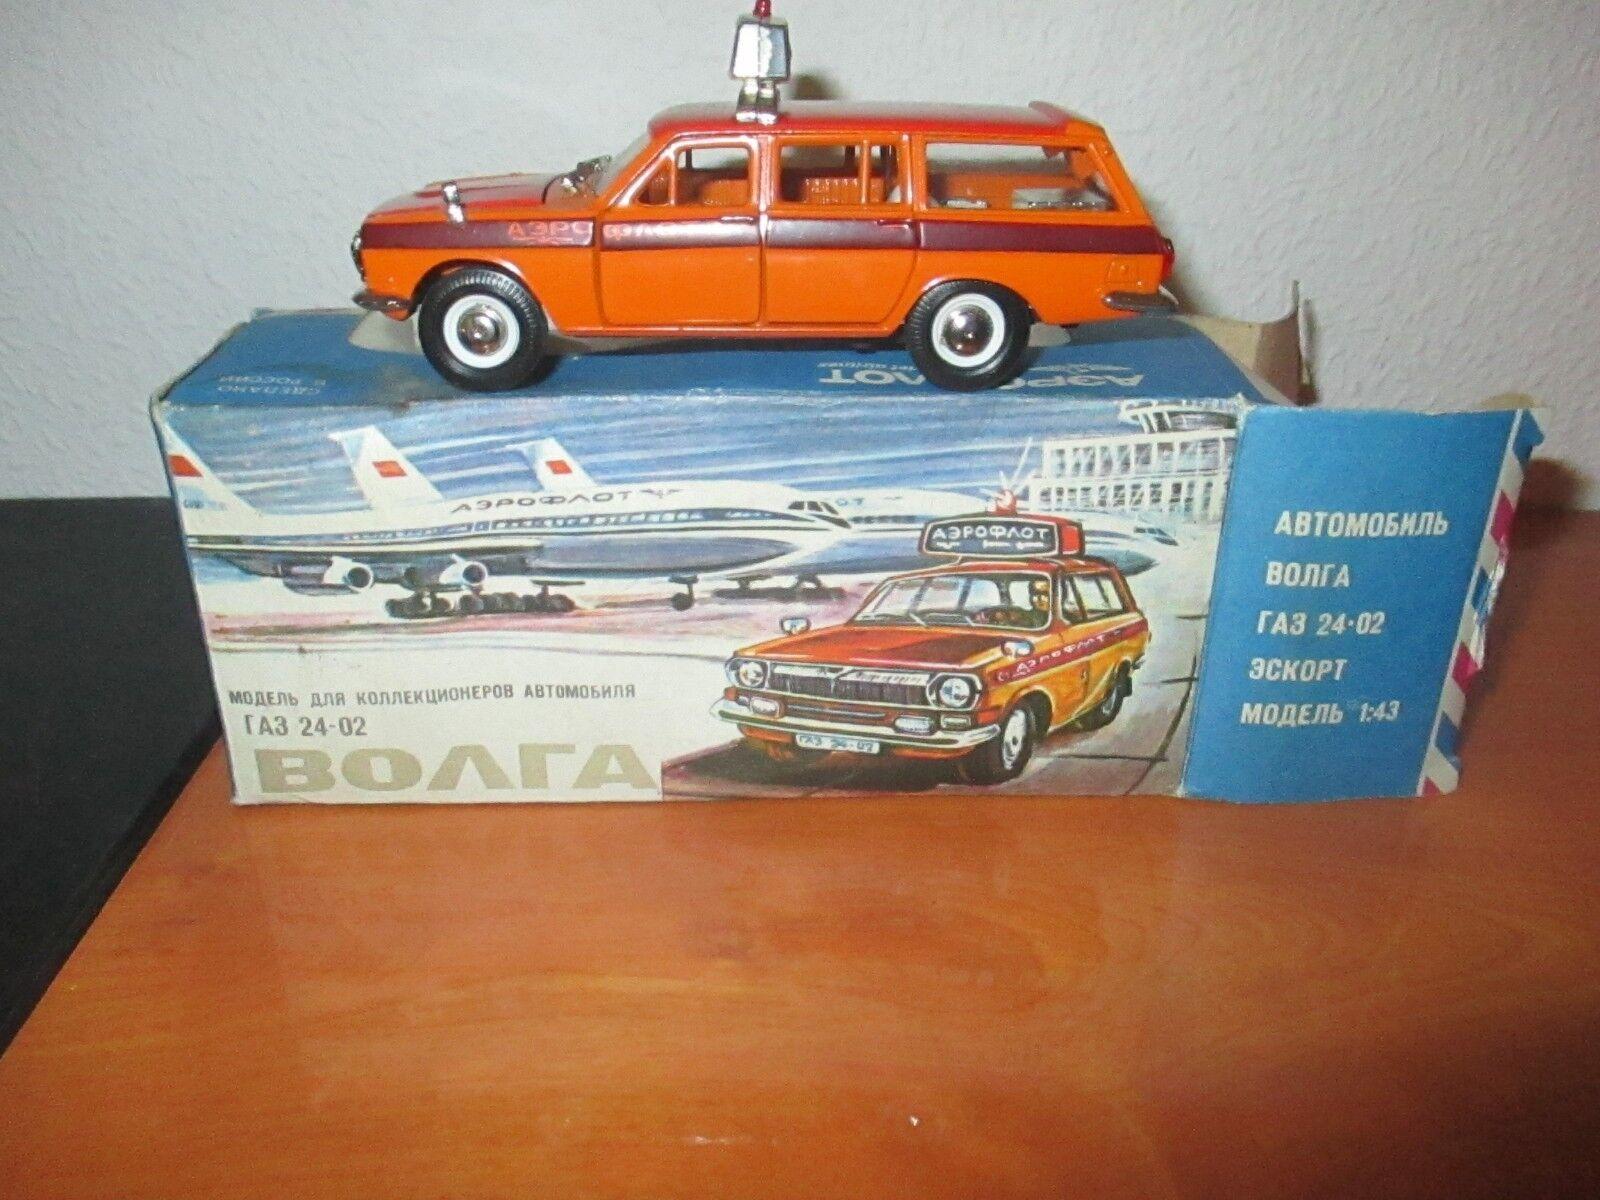 GAZ 24 VOLGA AEROPORT échelle 1 43 made in URSS MOSKVICH